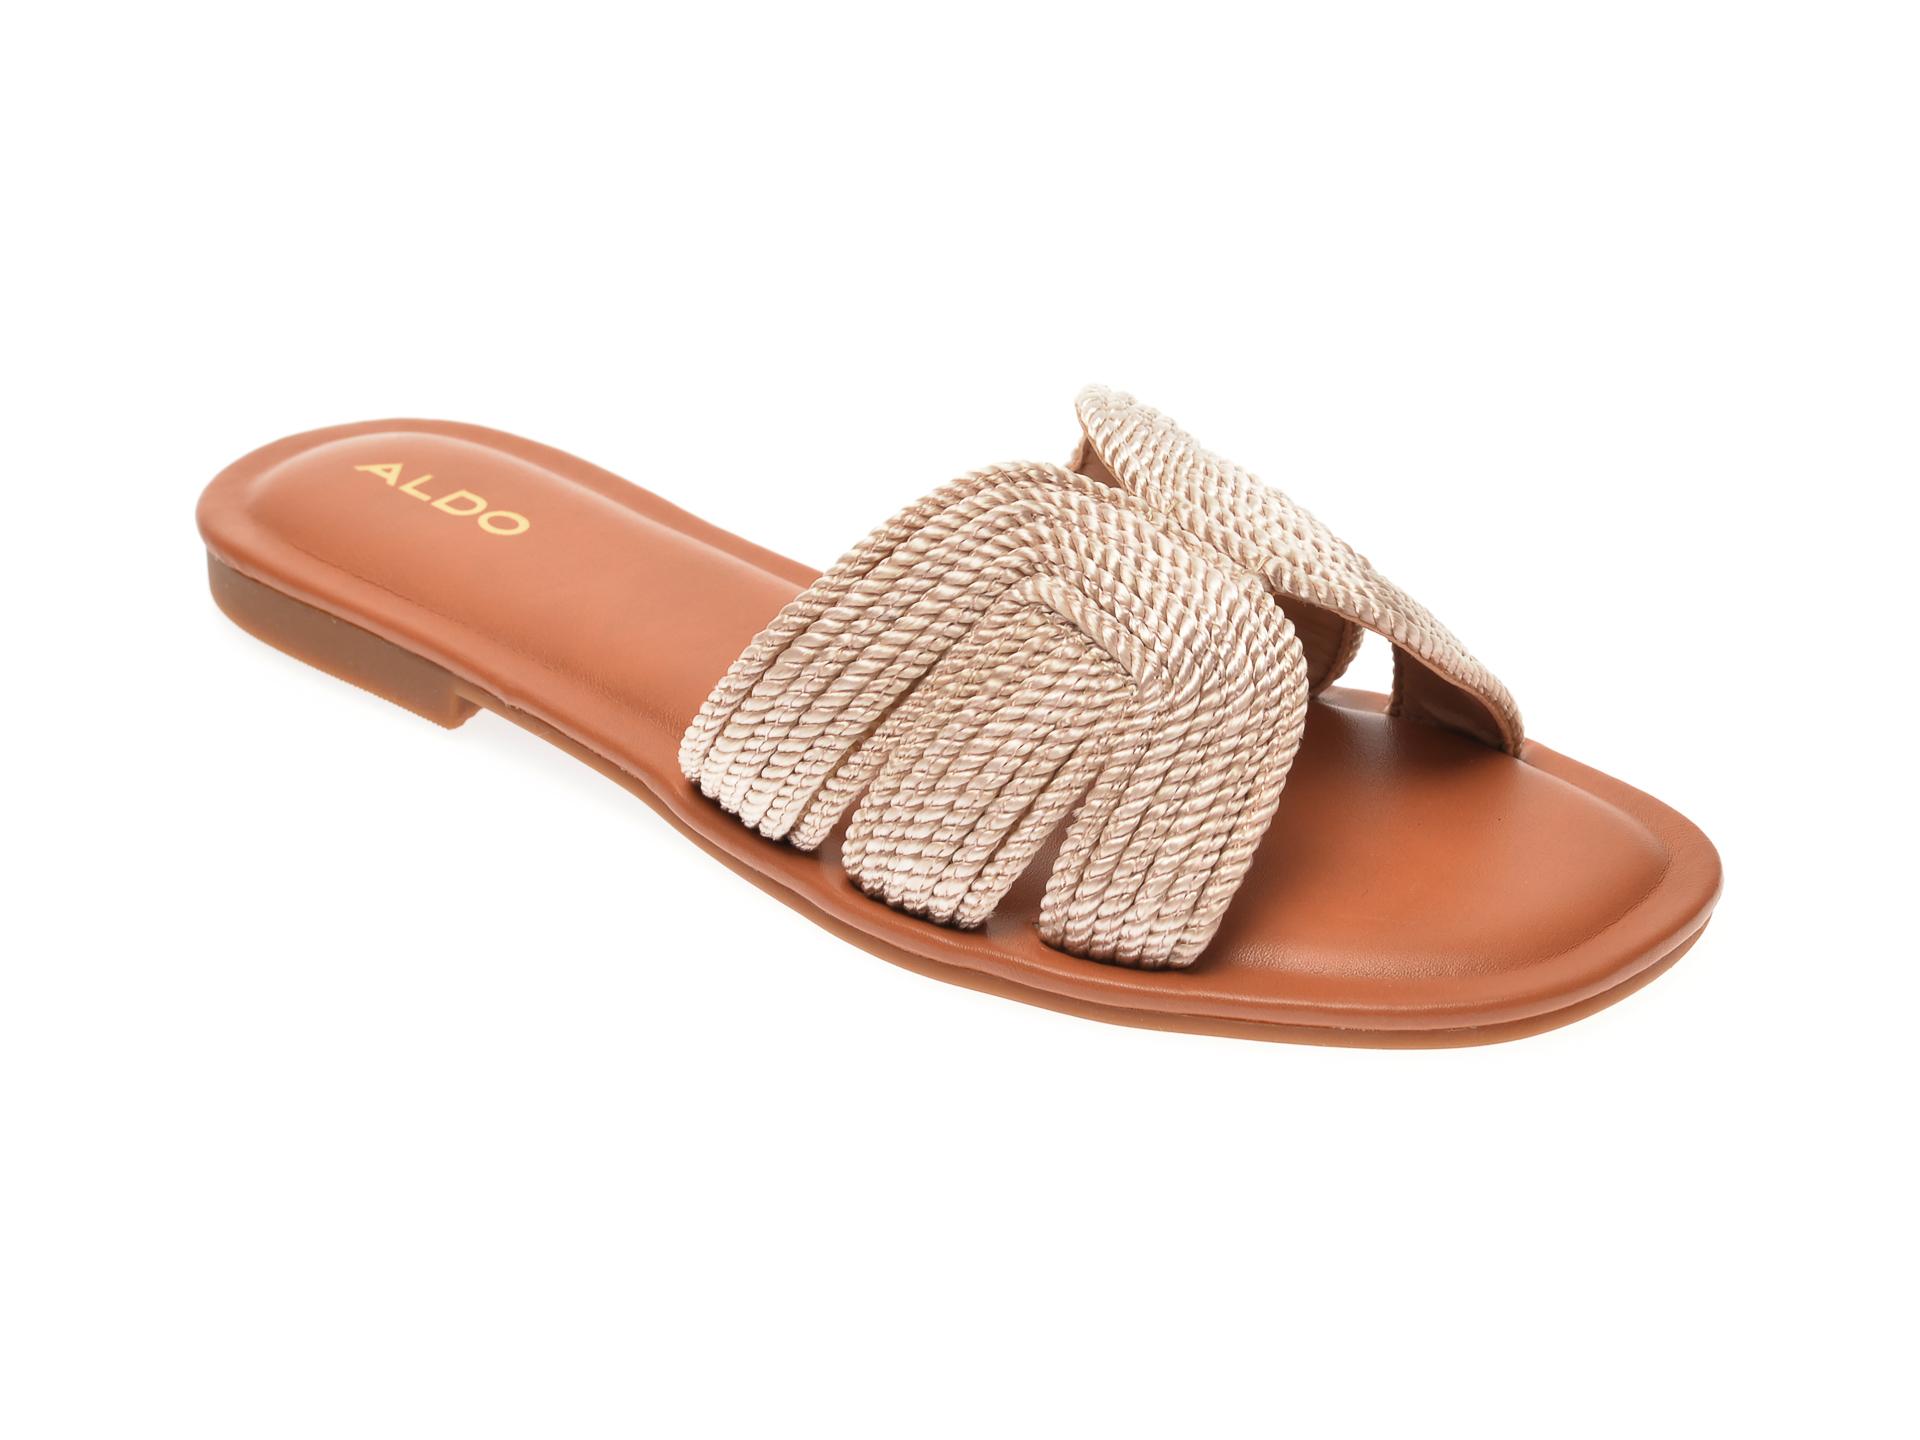 Papuci ALDO nude, Starlight270, din material textil imagine otter.ro